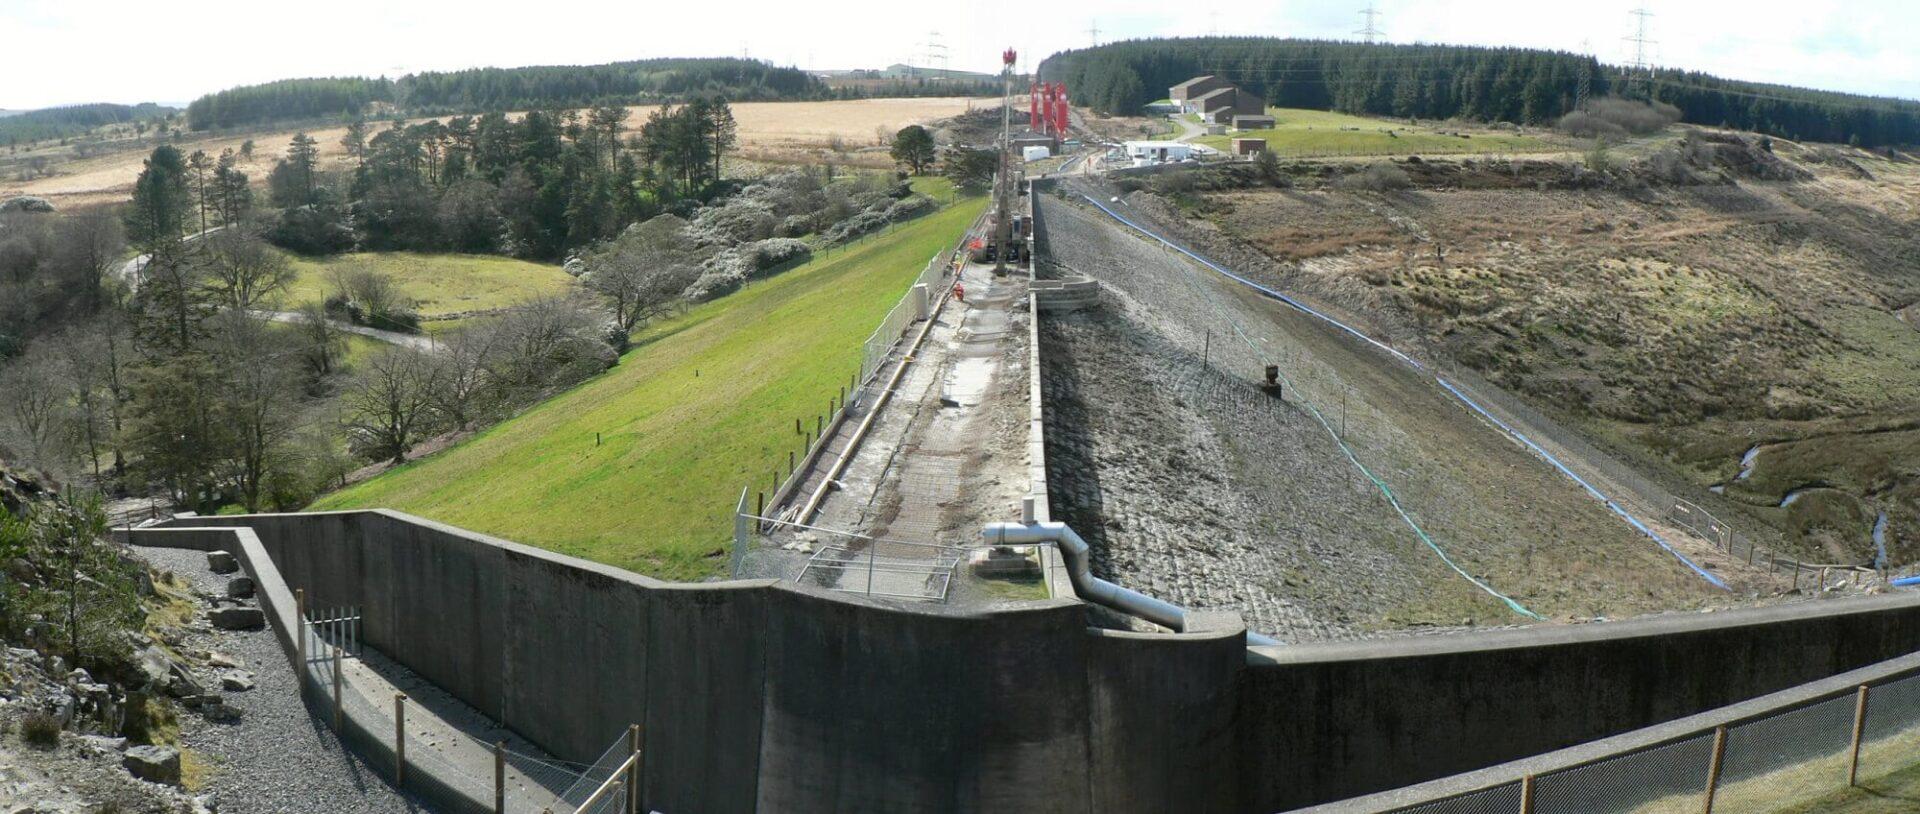 Environmental Solution - Lower Carno Dam Stabilisation - Slurry Cut Off Wall (1)